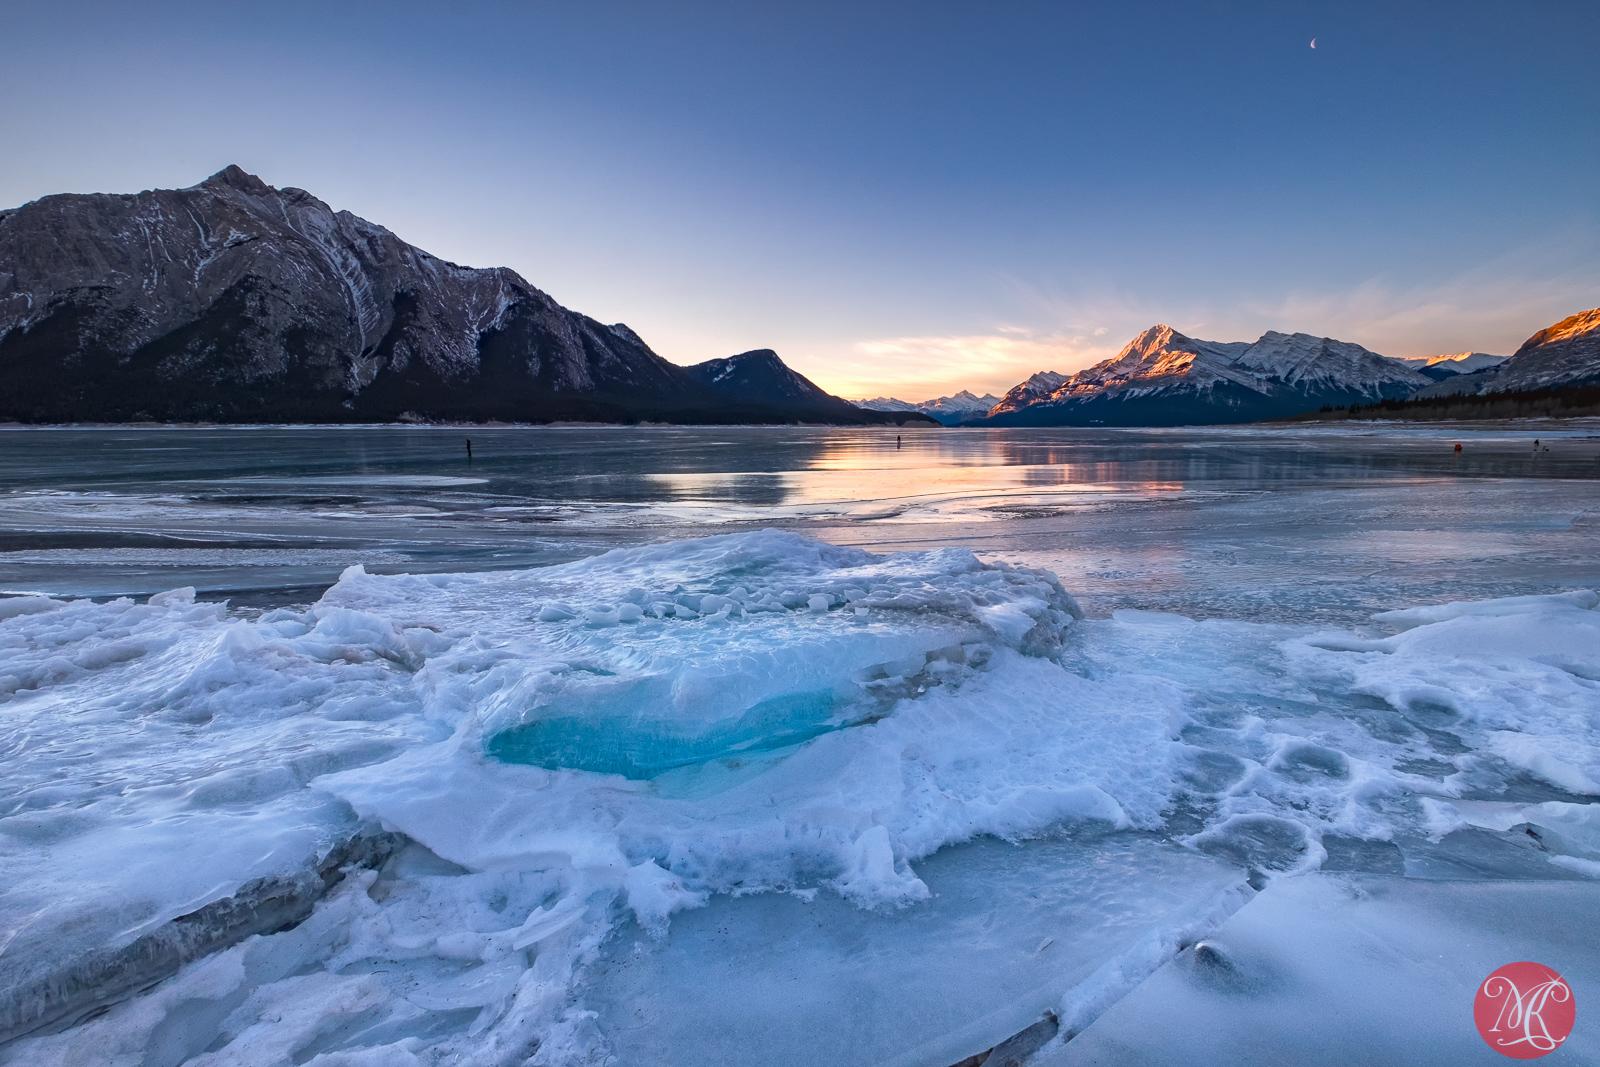 One big chunk of ice